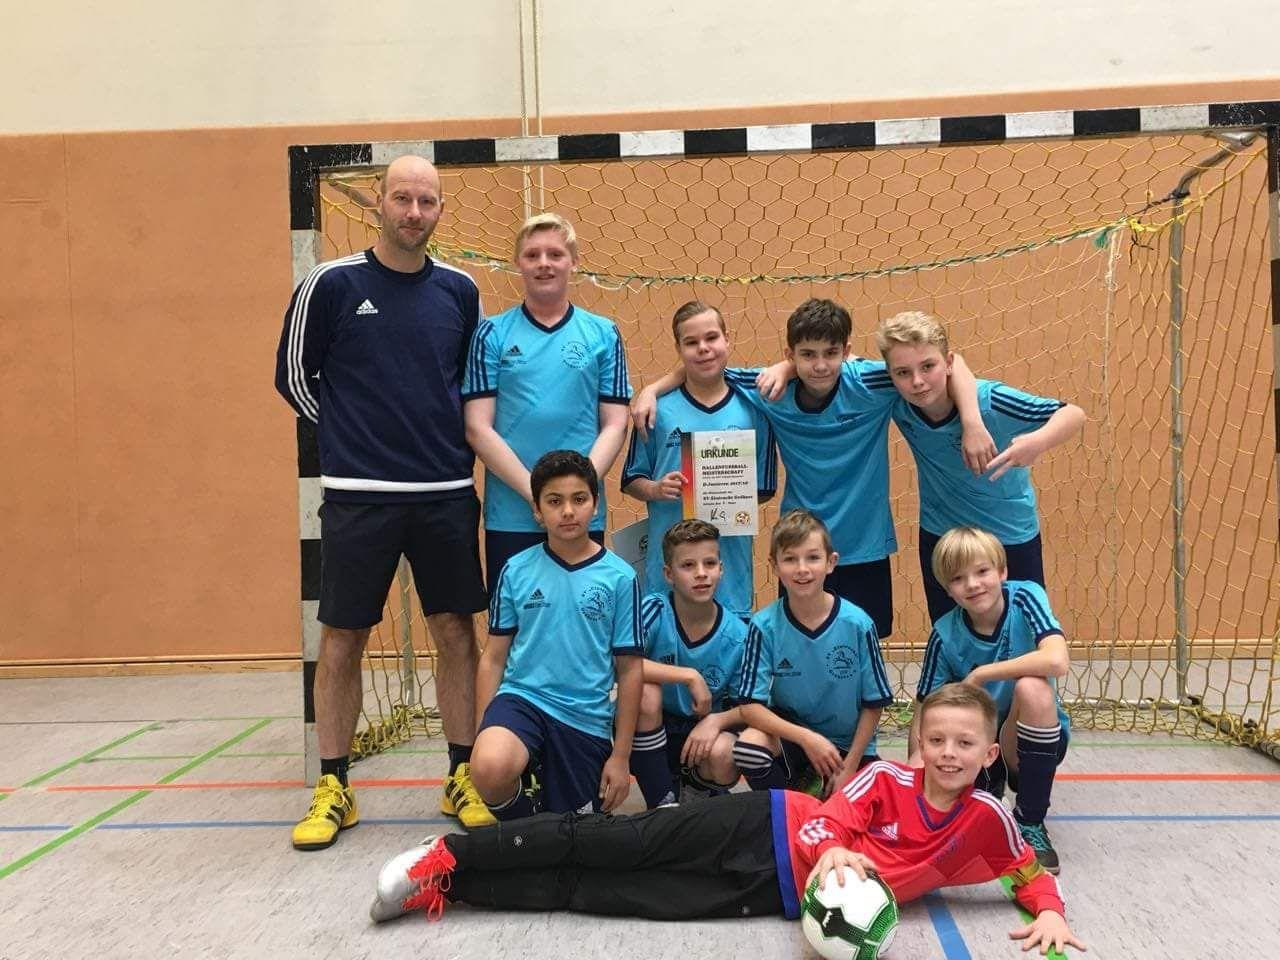 D-Jugend: Futsalmeisterschaften - Da war nichts zu holen